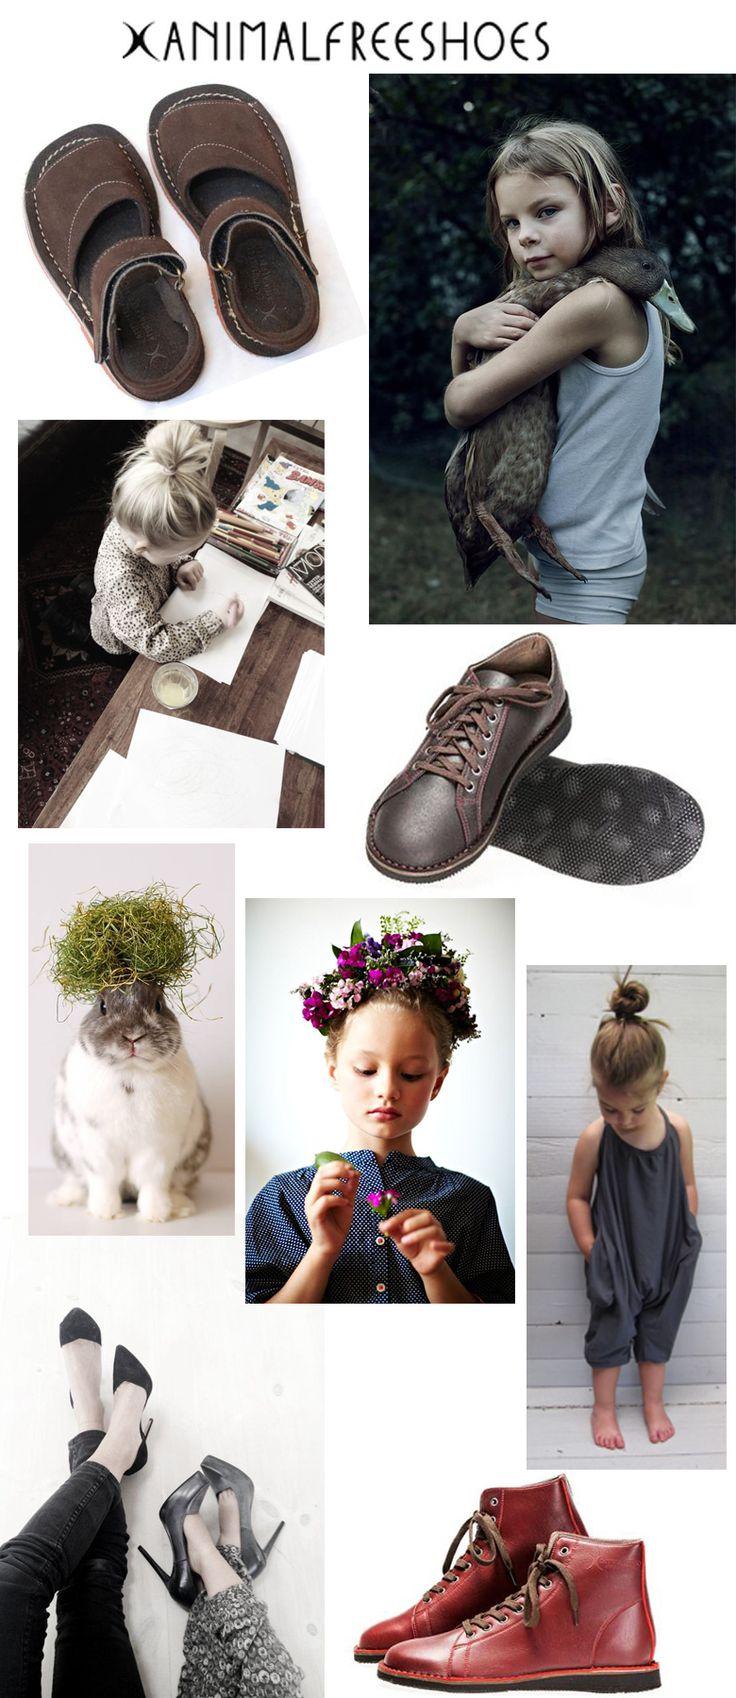 JUST FOR KIDS: GLI ANIMALI SONO AMICI